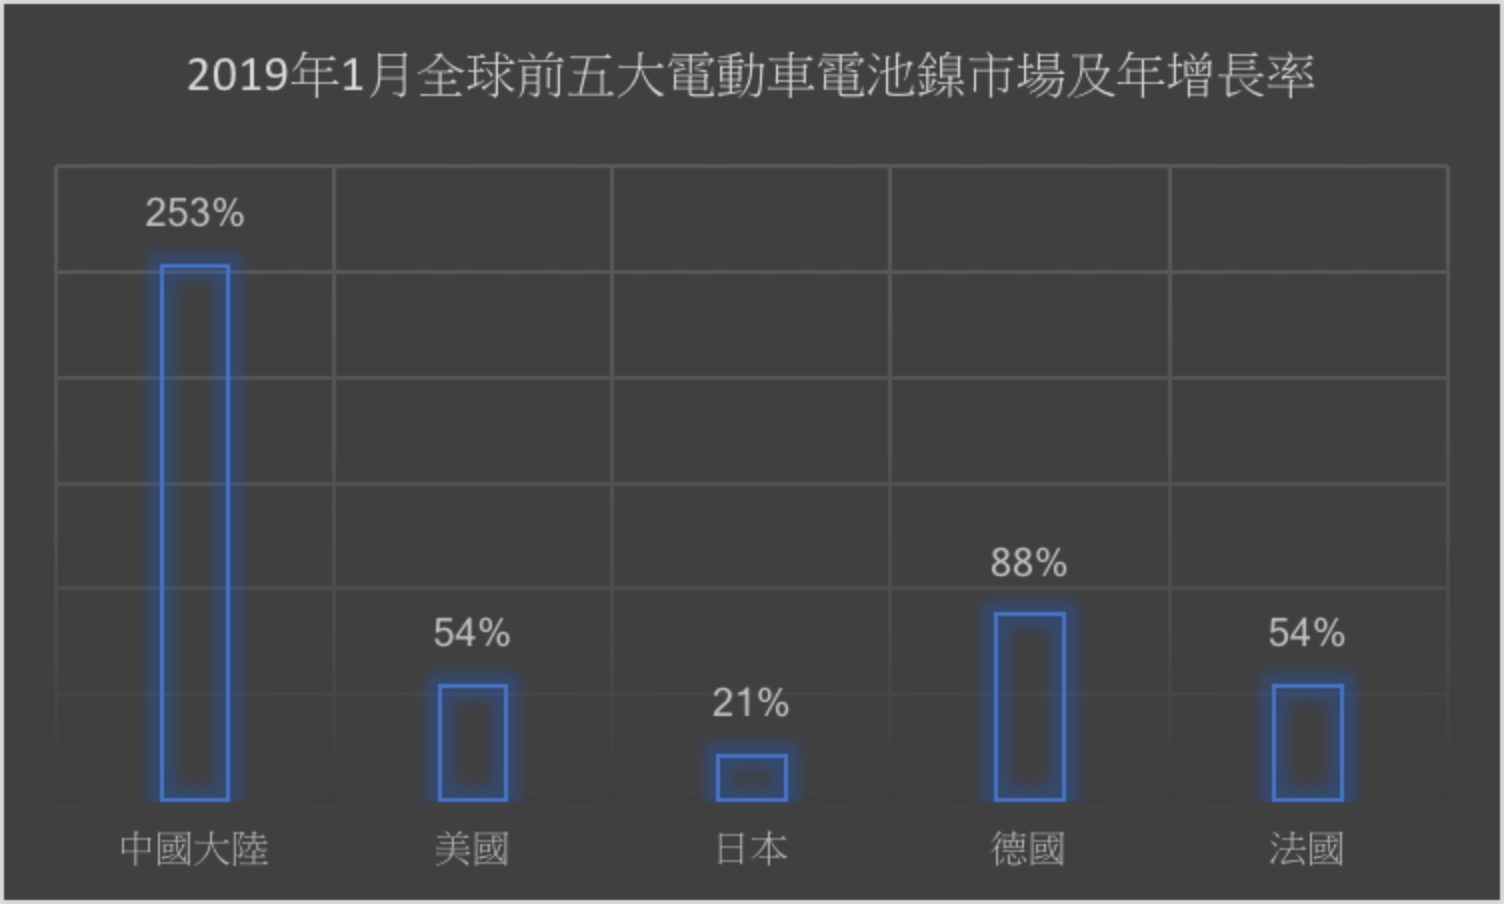 大陸電動車電池鎳消費量年增253%躍居最大市場